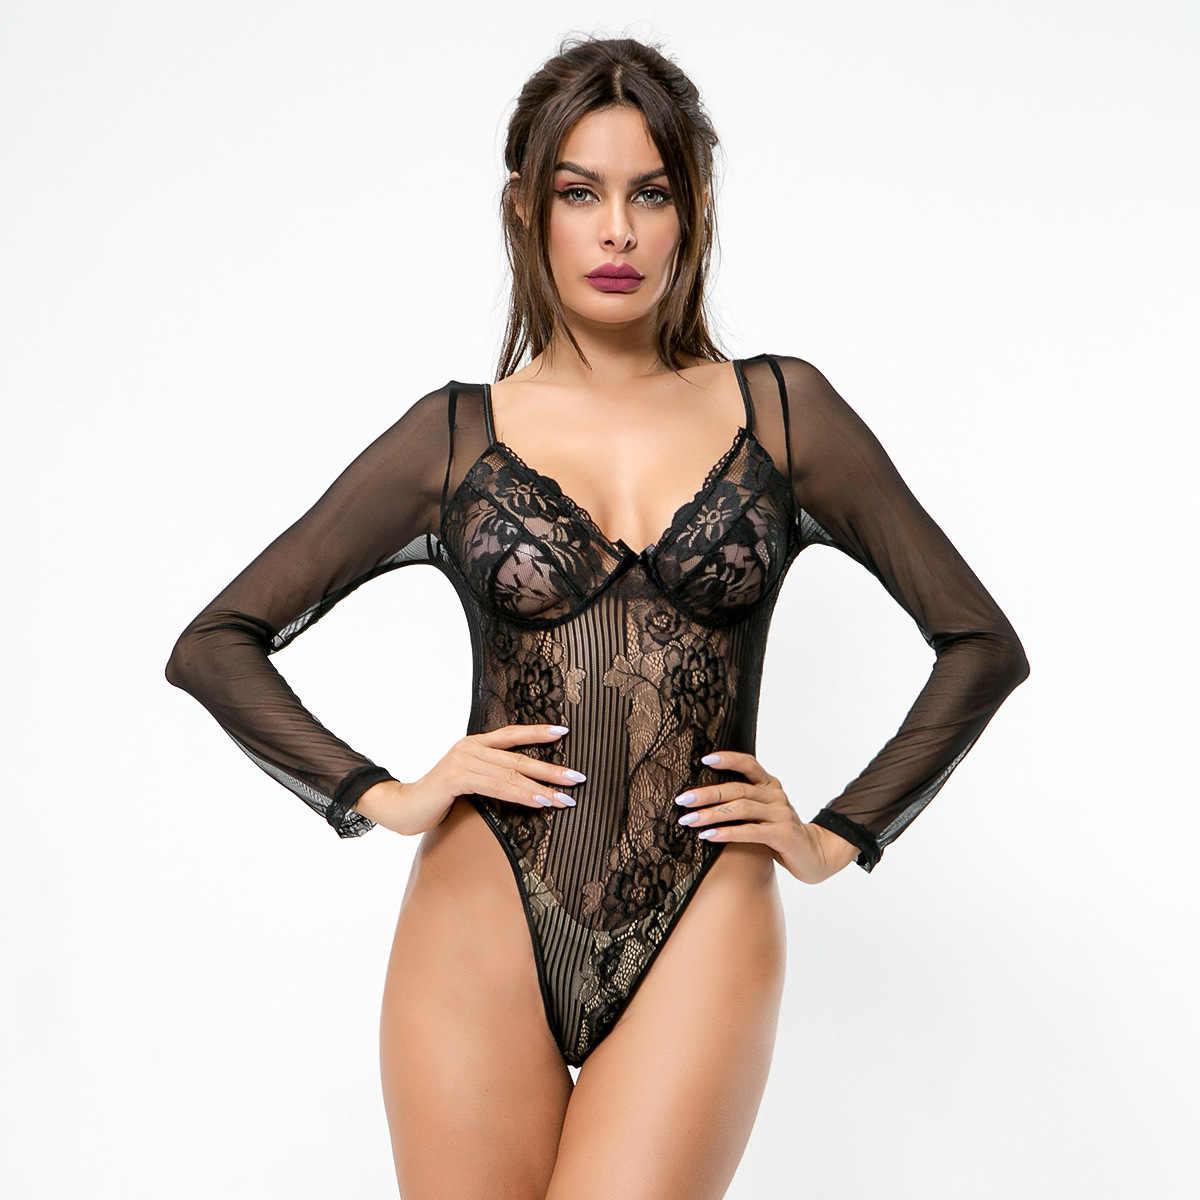 HITAM PINK Stoking Jala Bodysuit Seksi Renda Teddy Tubuh Cocok untuk Wanita Wanita Satu Potong Pakaian Dalam Wanita Lengan Panjang Fetish Mesh Catsuit panas